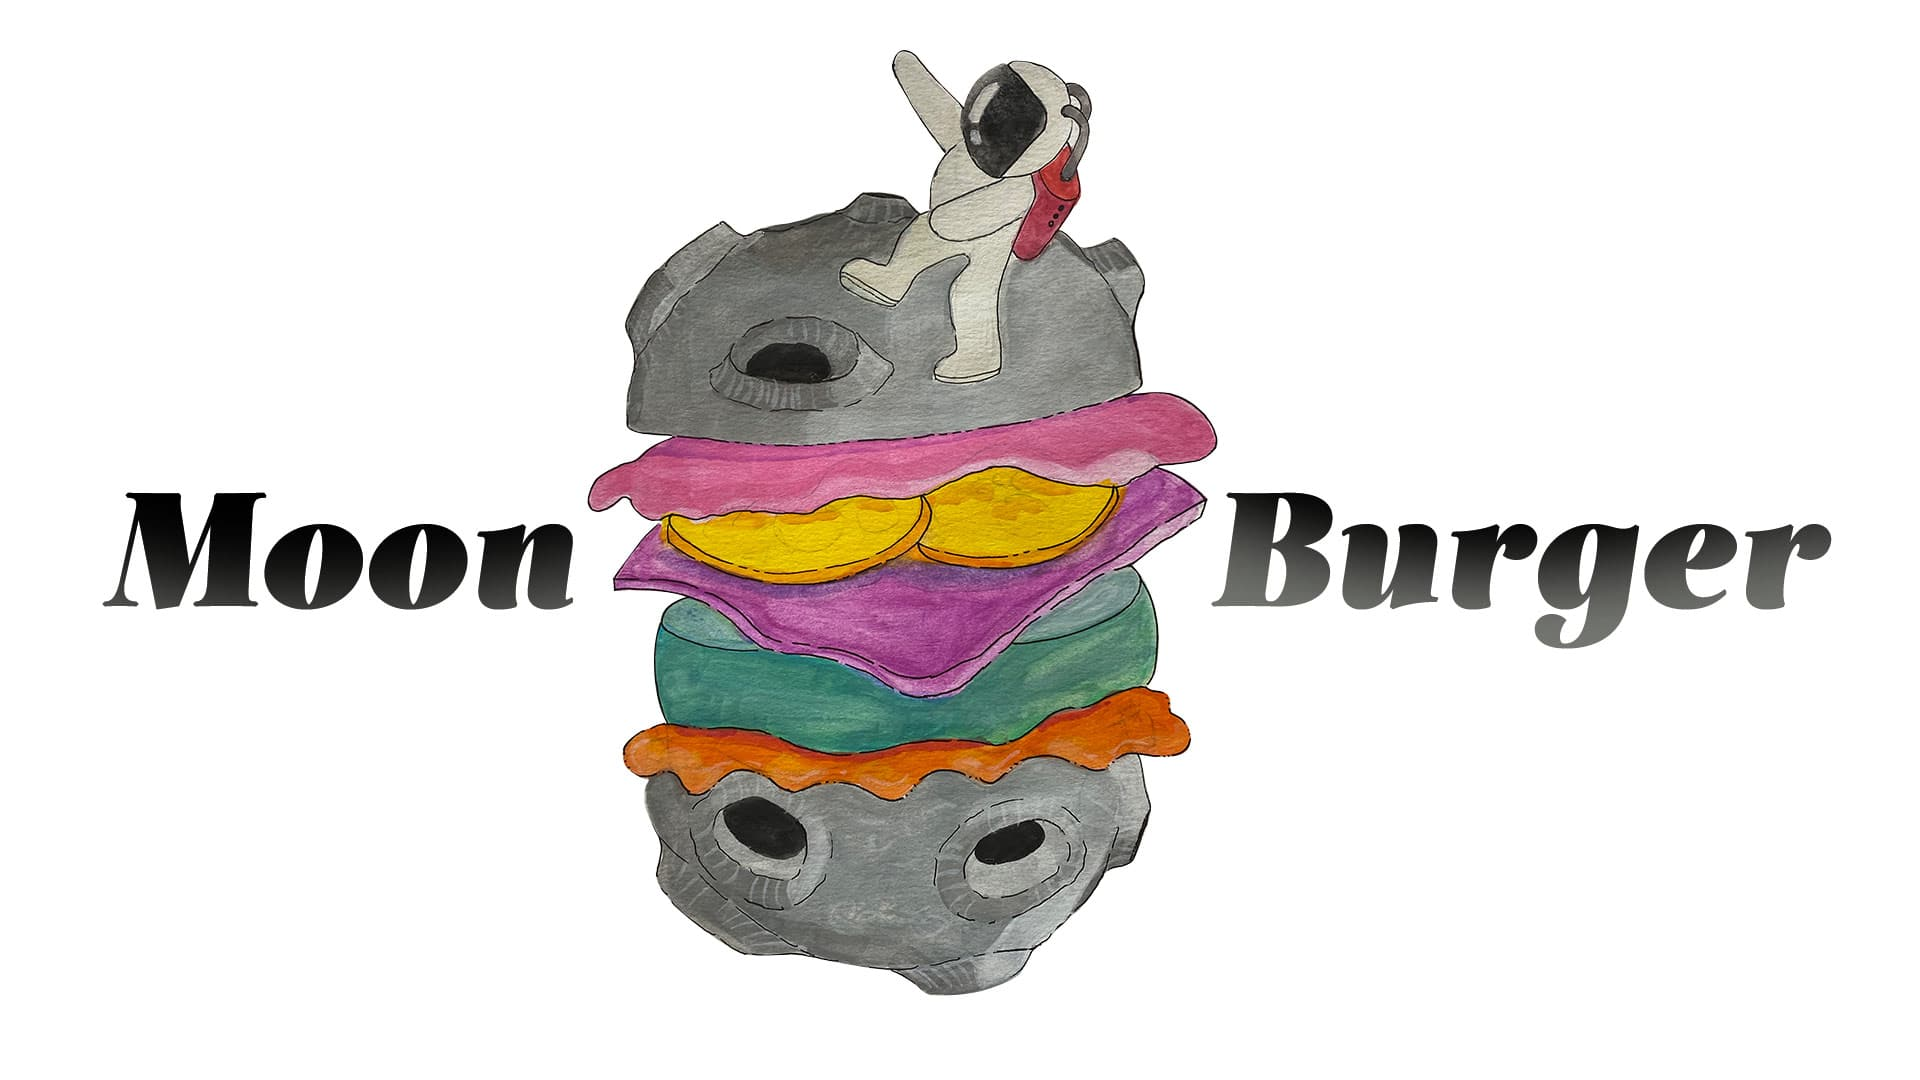 moon burger grafico milano logo